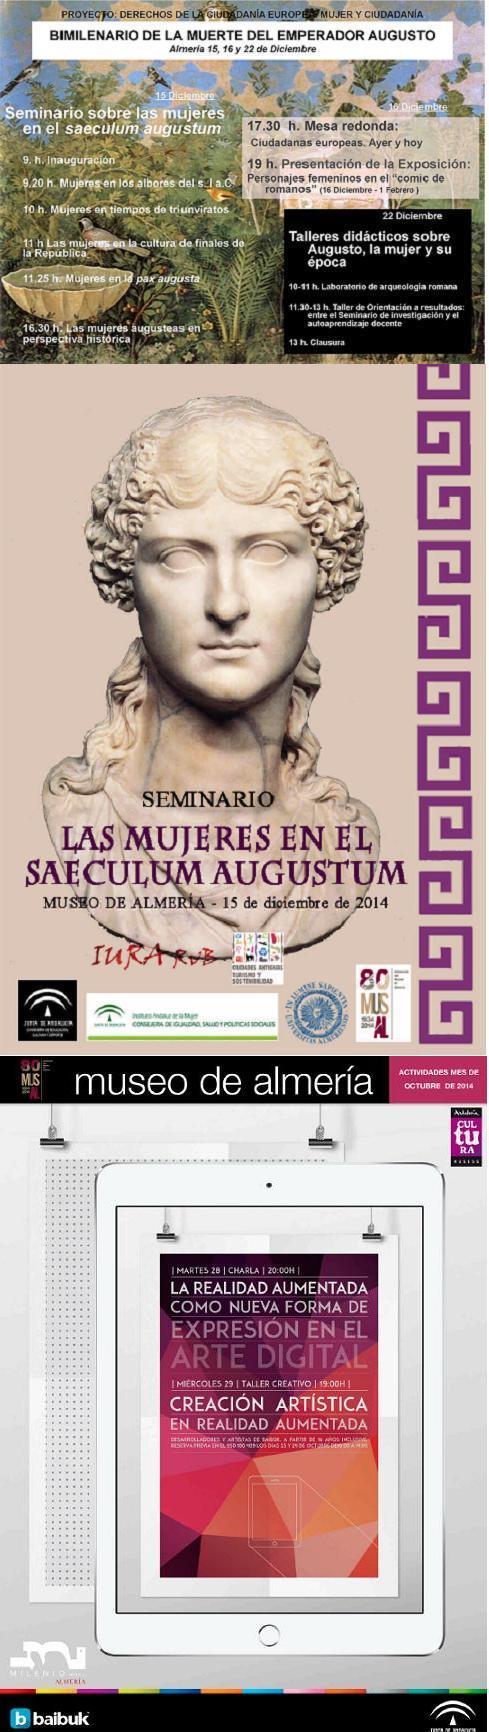 20141025060958-mujeres-en-el-saeculum-augustum-1.jpg